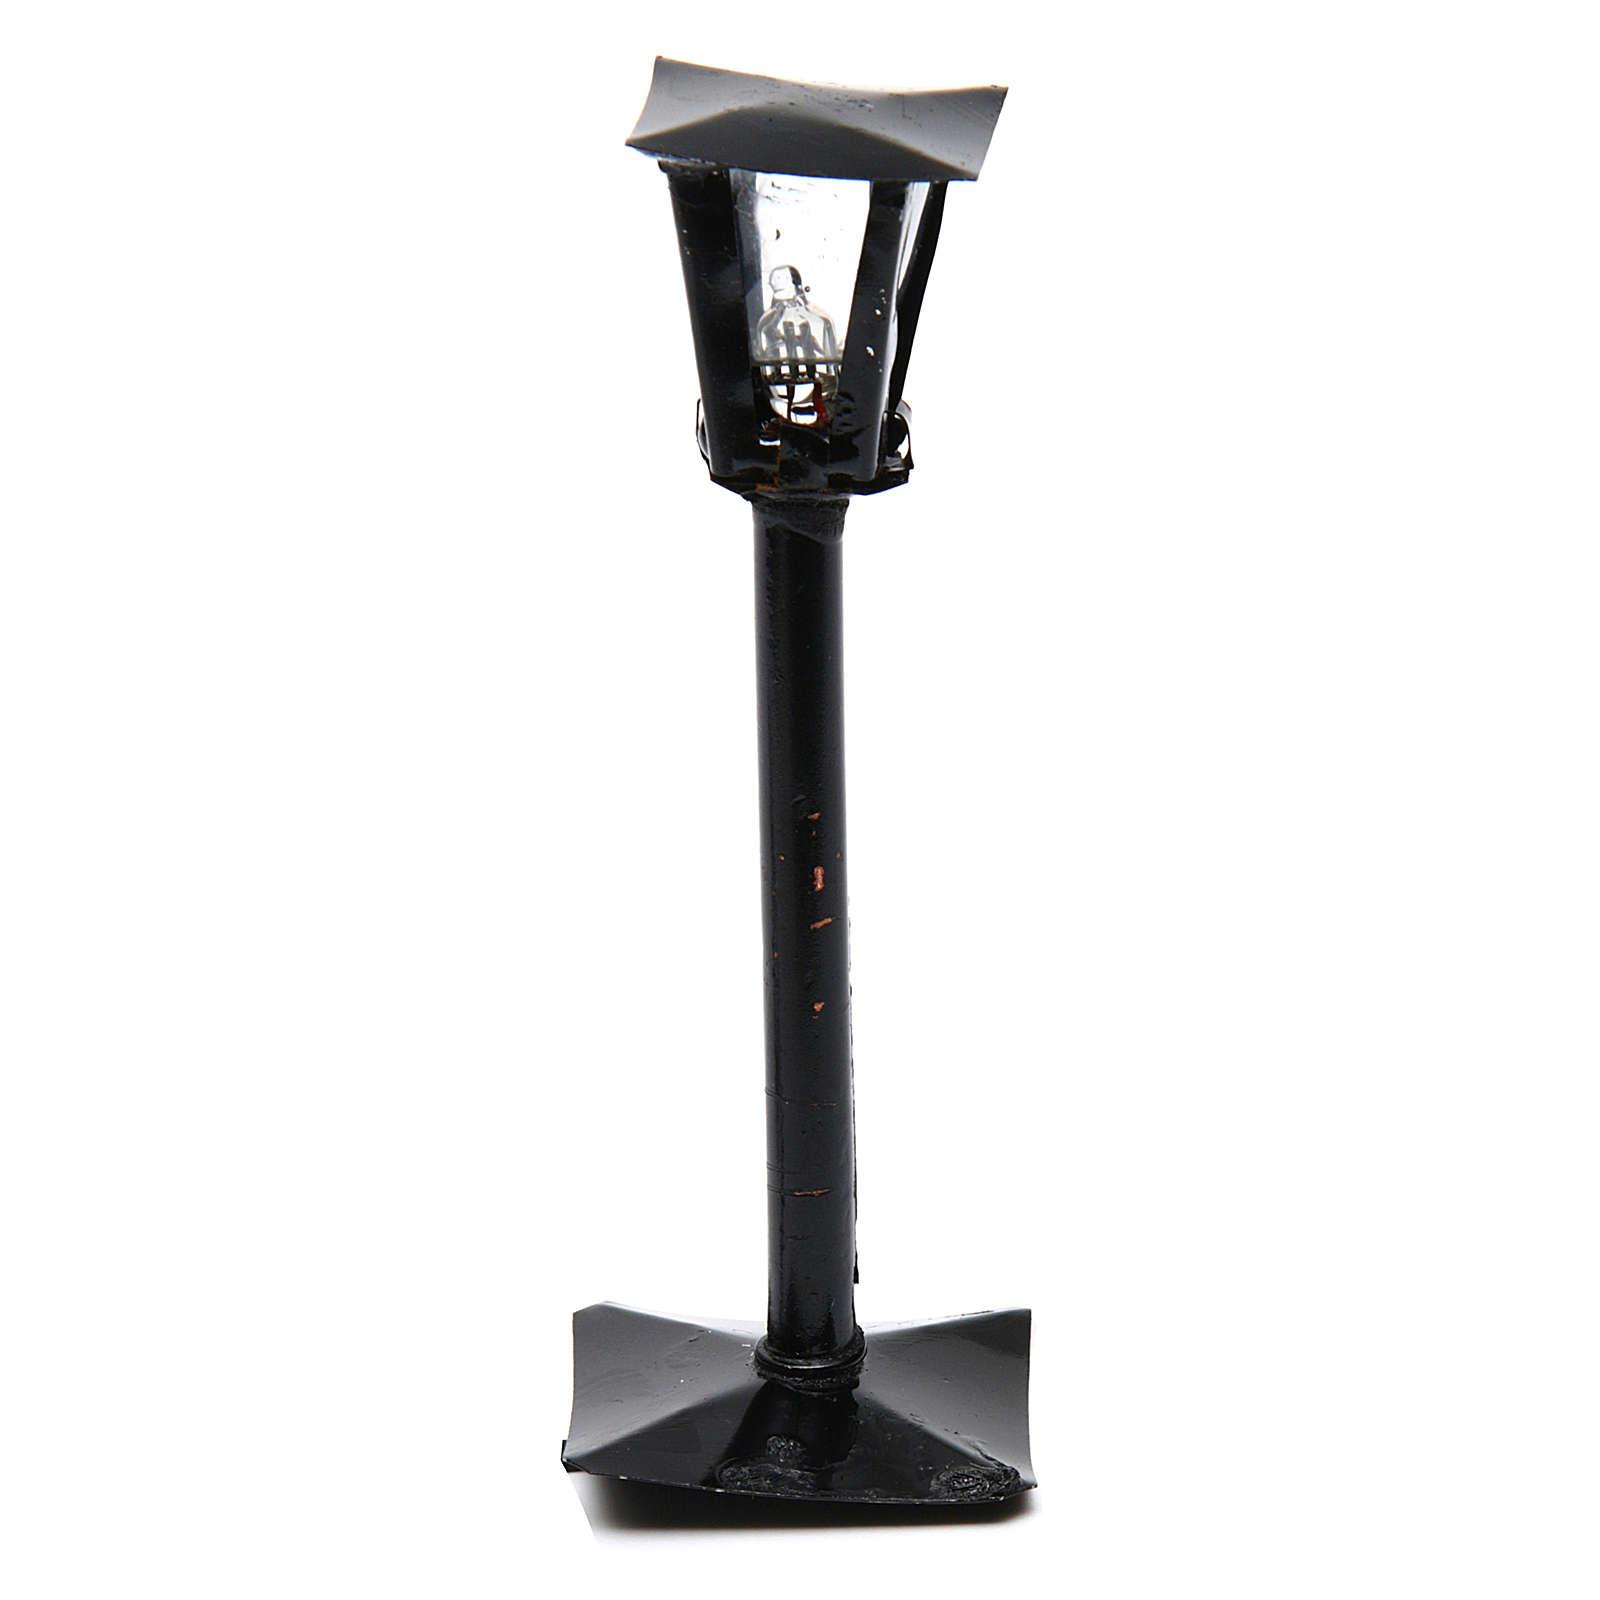 Latarnia uliczna z latarenką szopka zrób to sam h rzeczywista 11 cm - 12V 4